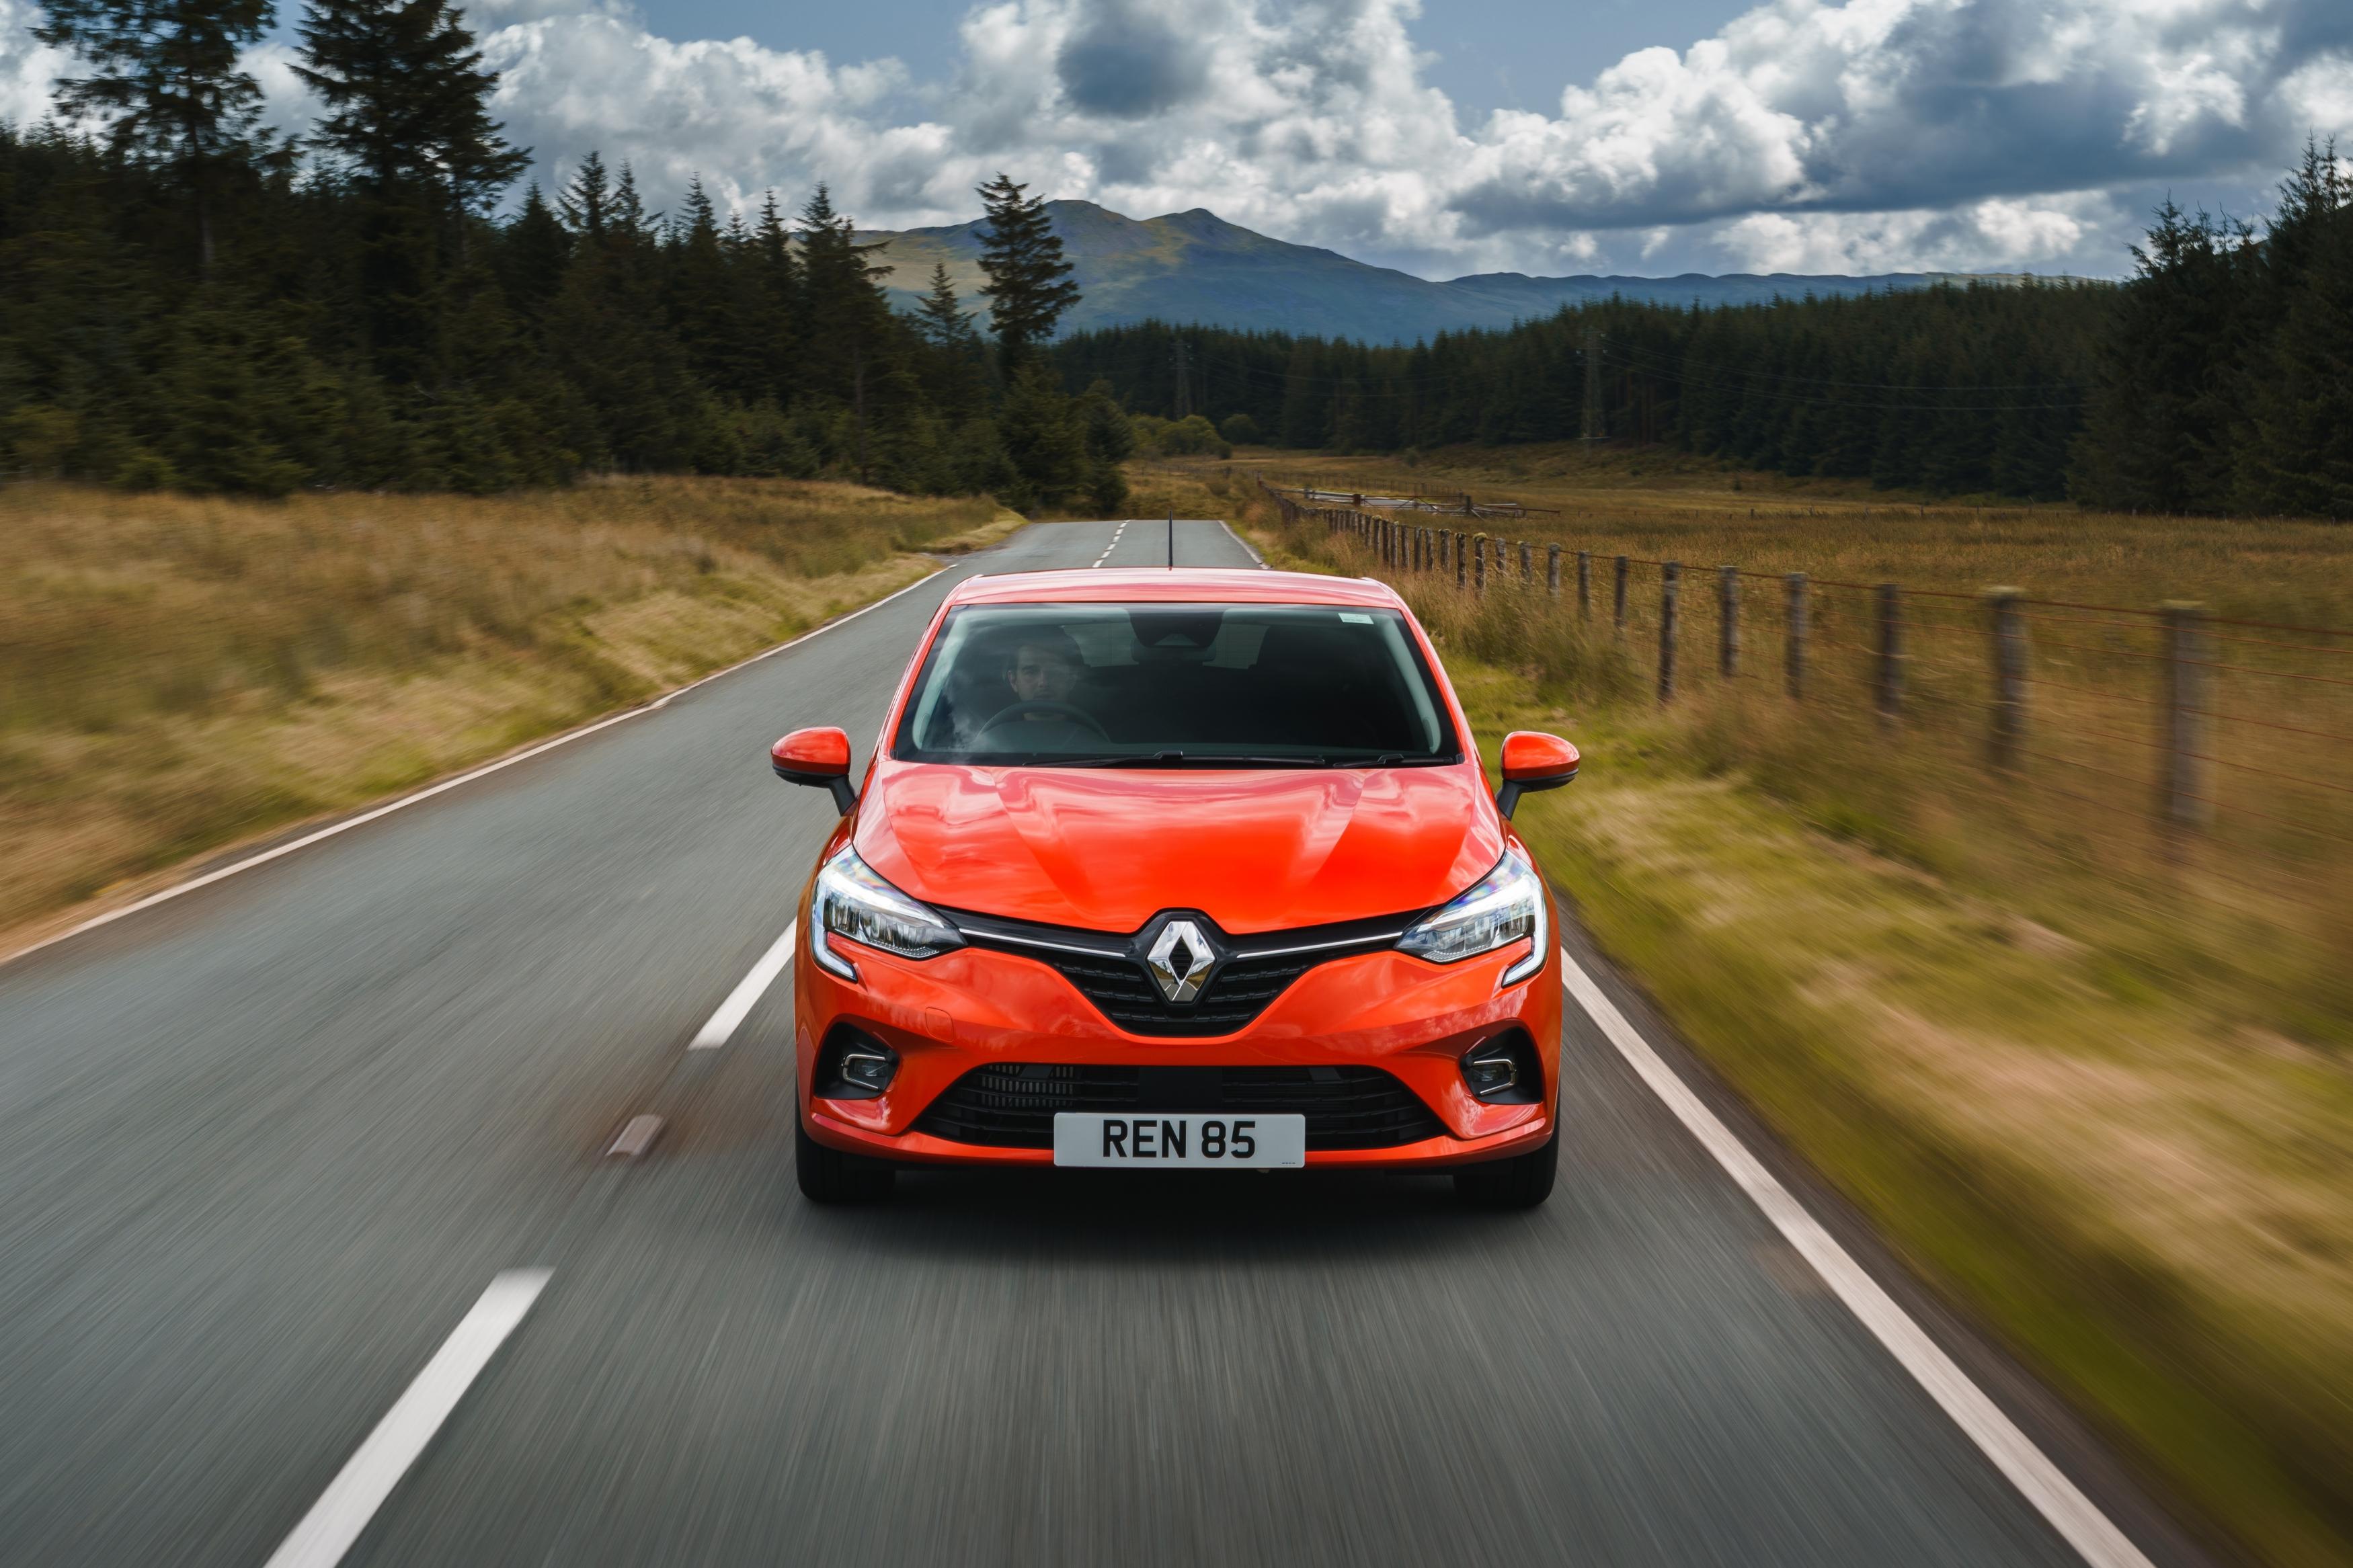 Renault Clio exterior static